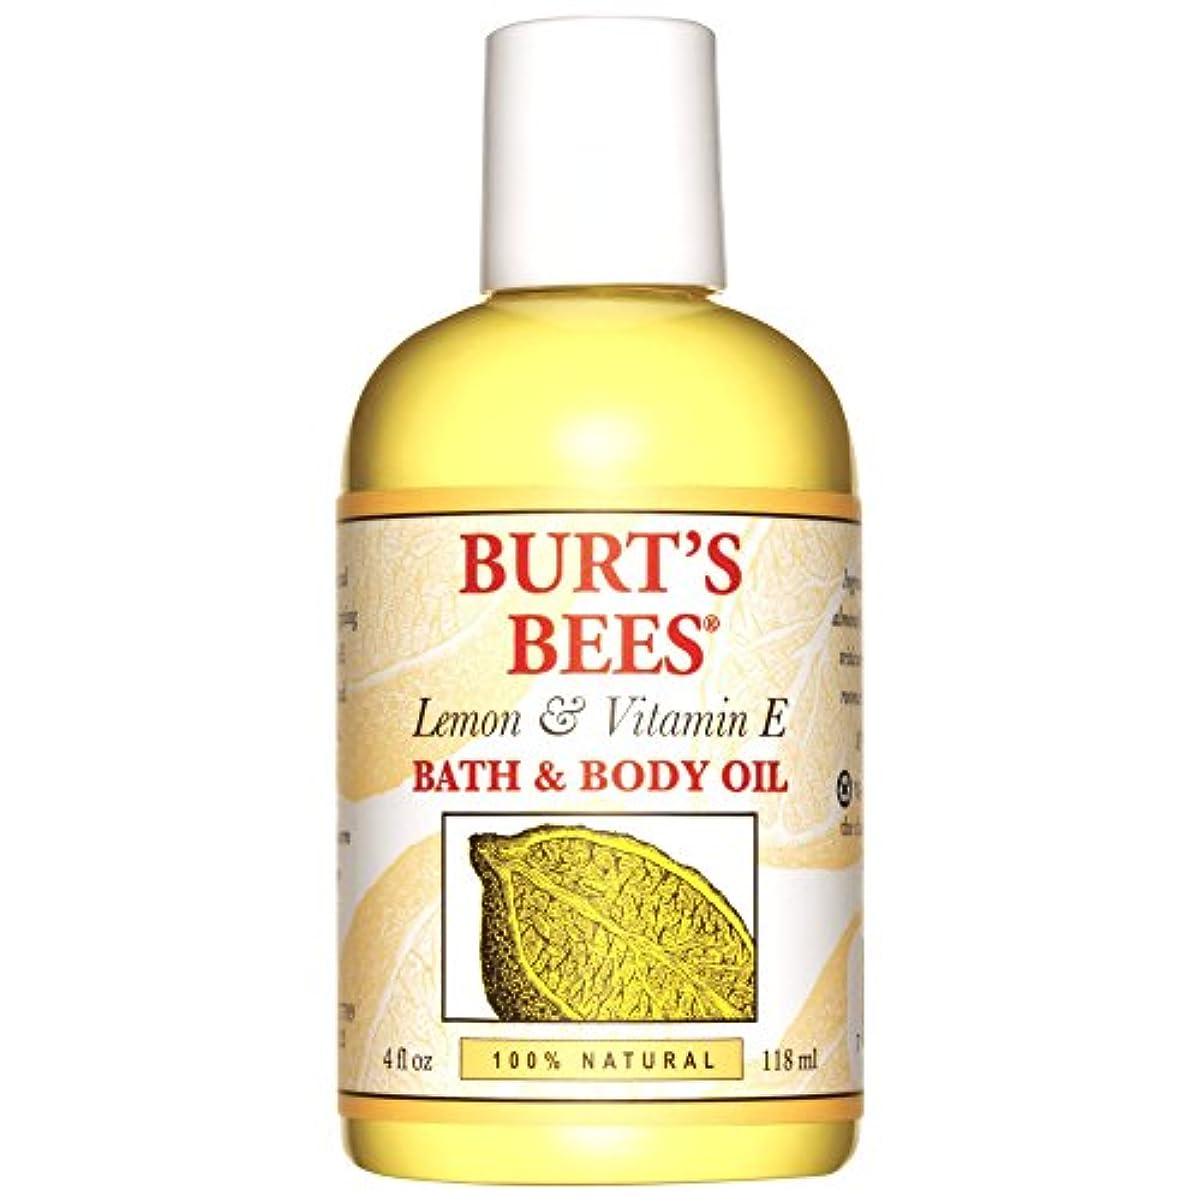 問題便益デザイナーバーツビーレモンとビタミンEバス、ボディオイル118ミリリットル (Burt's Bees) - Burt's Bees Lemon and Vitamin E Bath and Body Oil 118ml [並行輸入品]